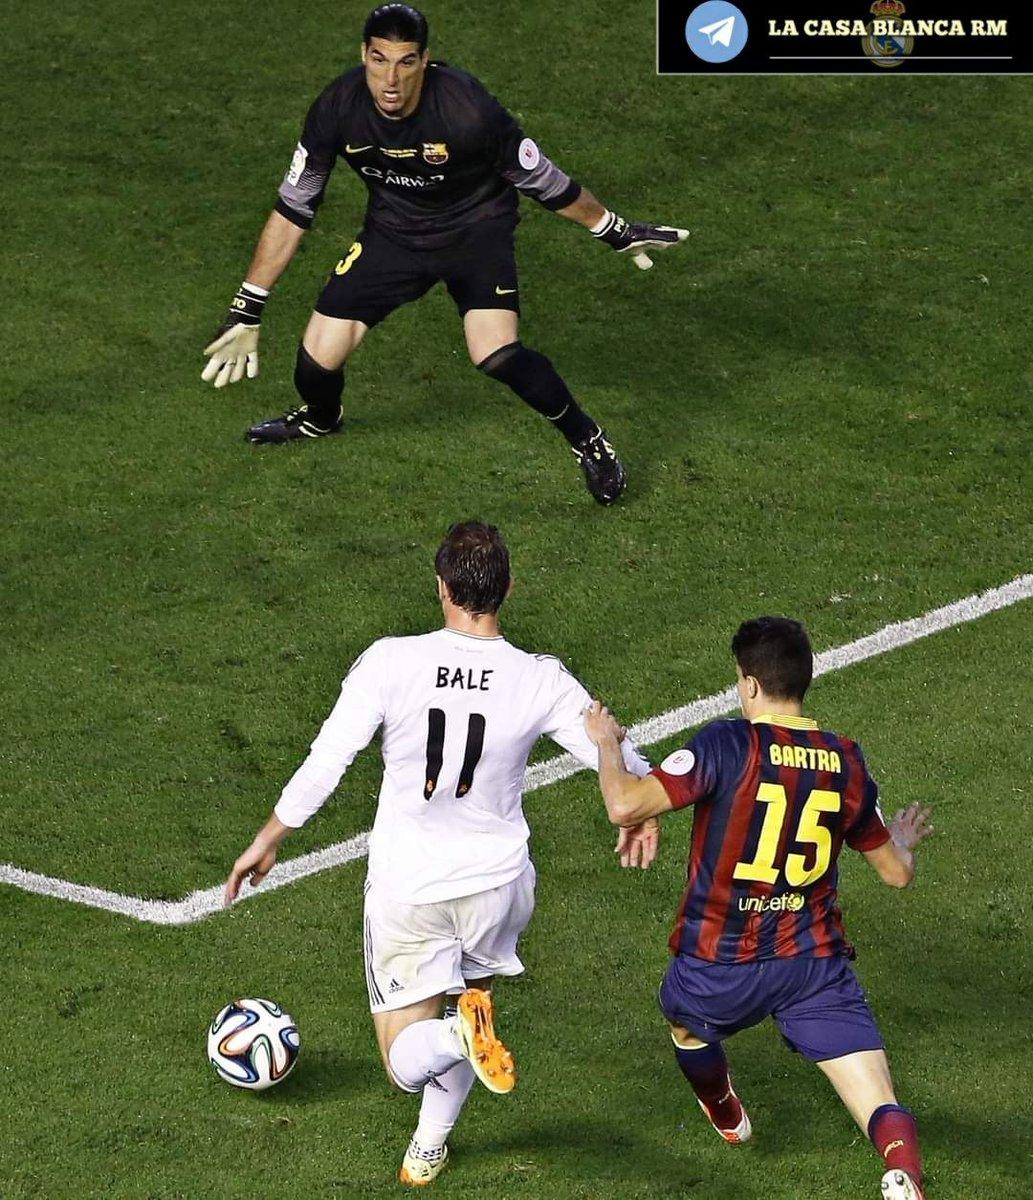 Hasta luego Bale, suerte en tu futuro. ⚽️🔥 Me diste muchas alegrías, no estoy molesto contigo. Espero que triunfes en tu carrera.  Thanks you for everything ❤ #HalaMadrid #HalaMadridYNadaMas @realmadrid https://t.co/0p42eK9ITs